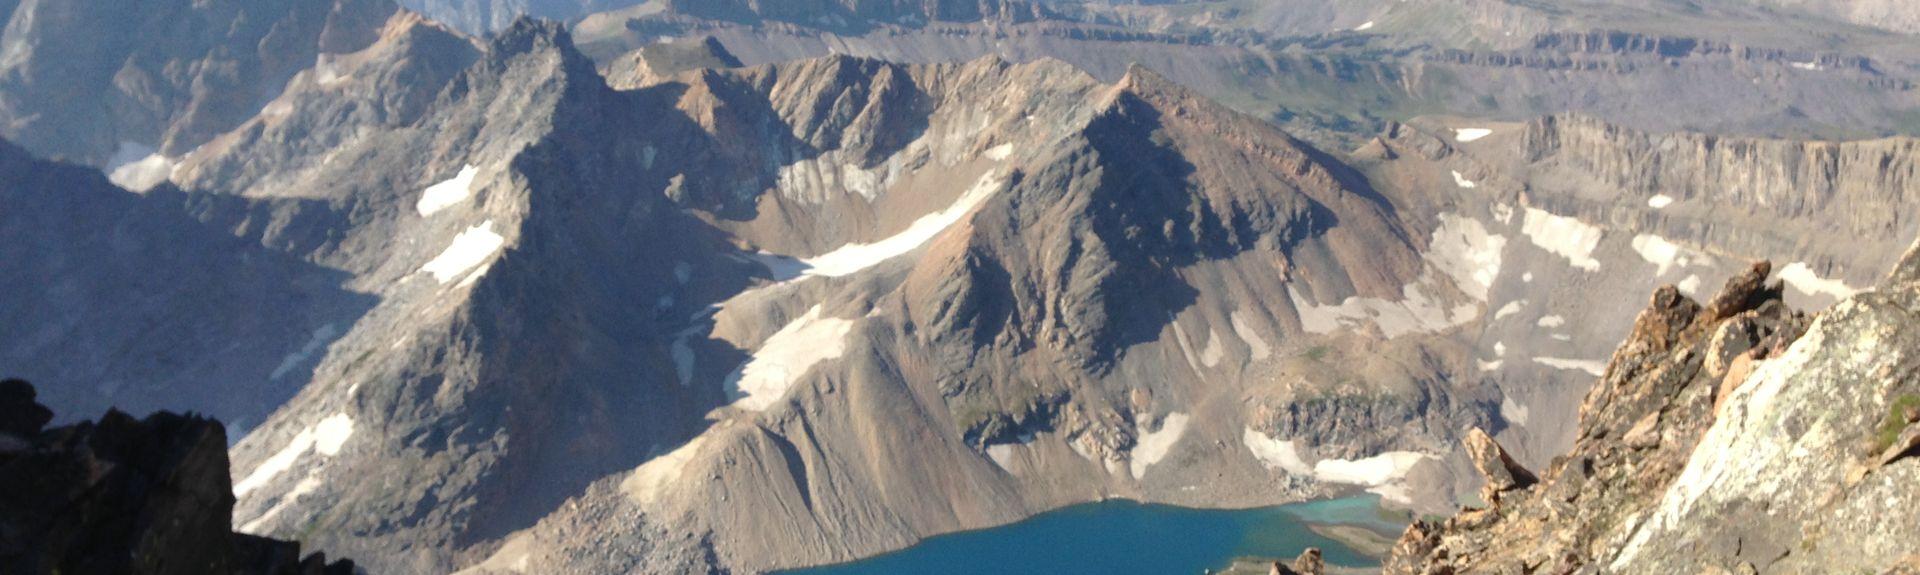 Alpine Slide of Jackson Hole, Jackson, WY, USA